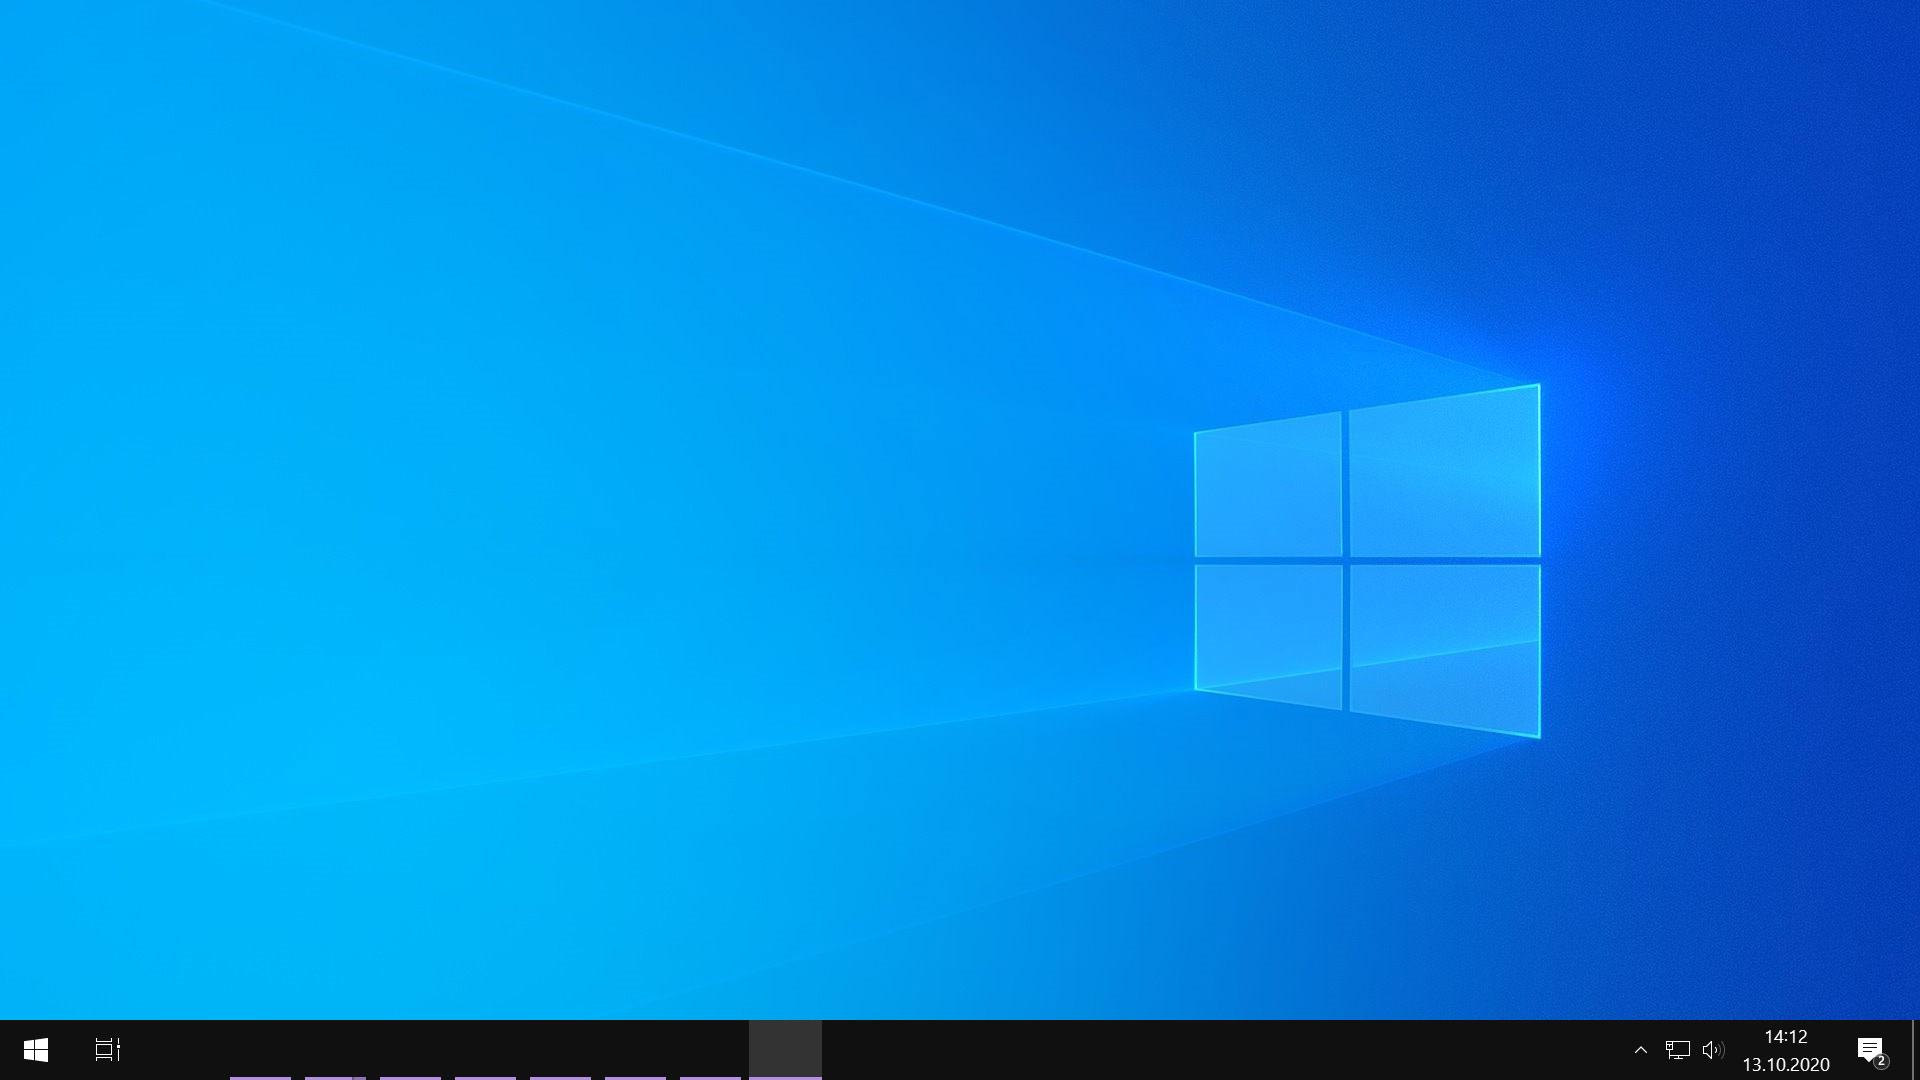 Jak spersonalizować pasek zadań w Windows 10 jeszcze bardziej